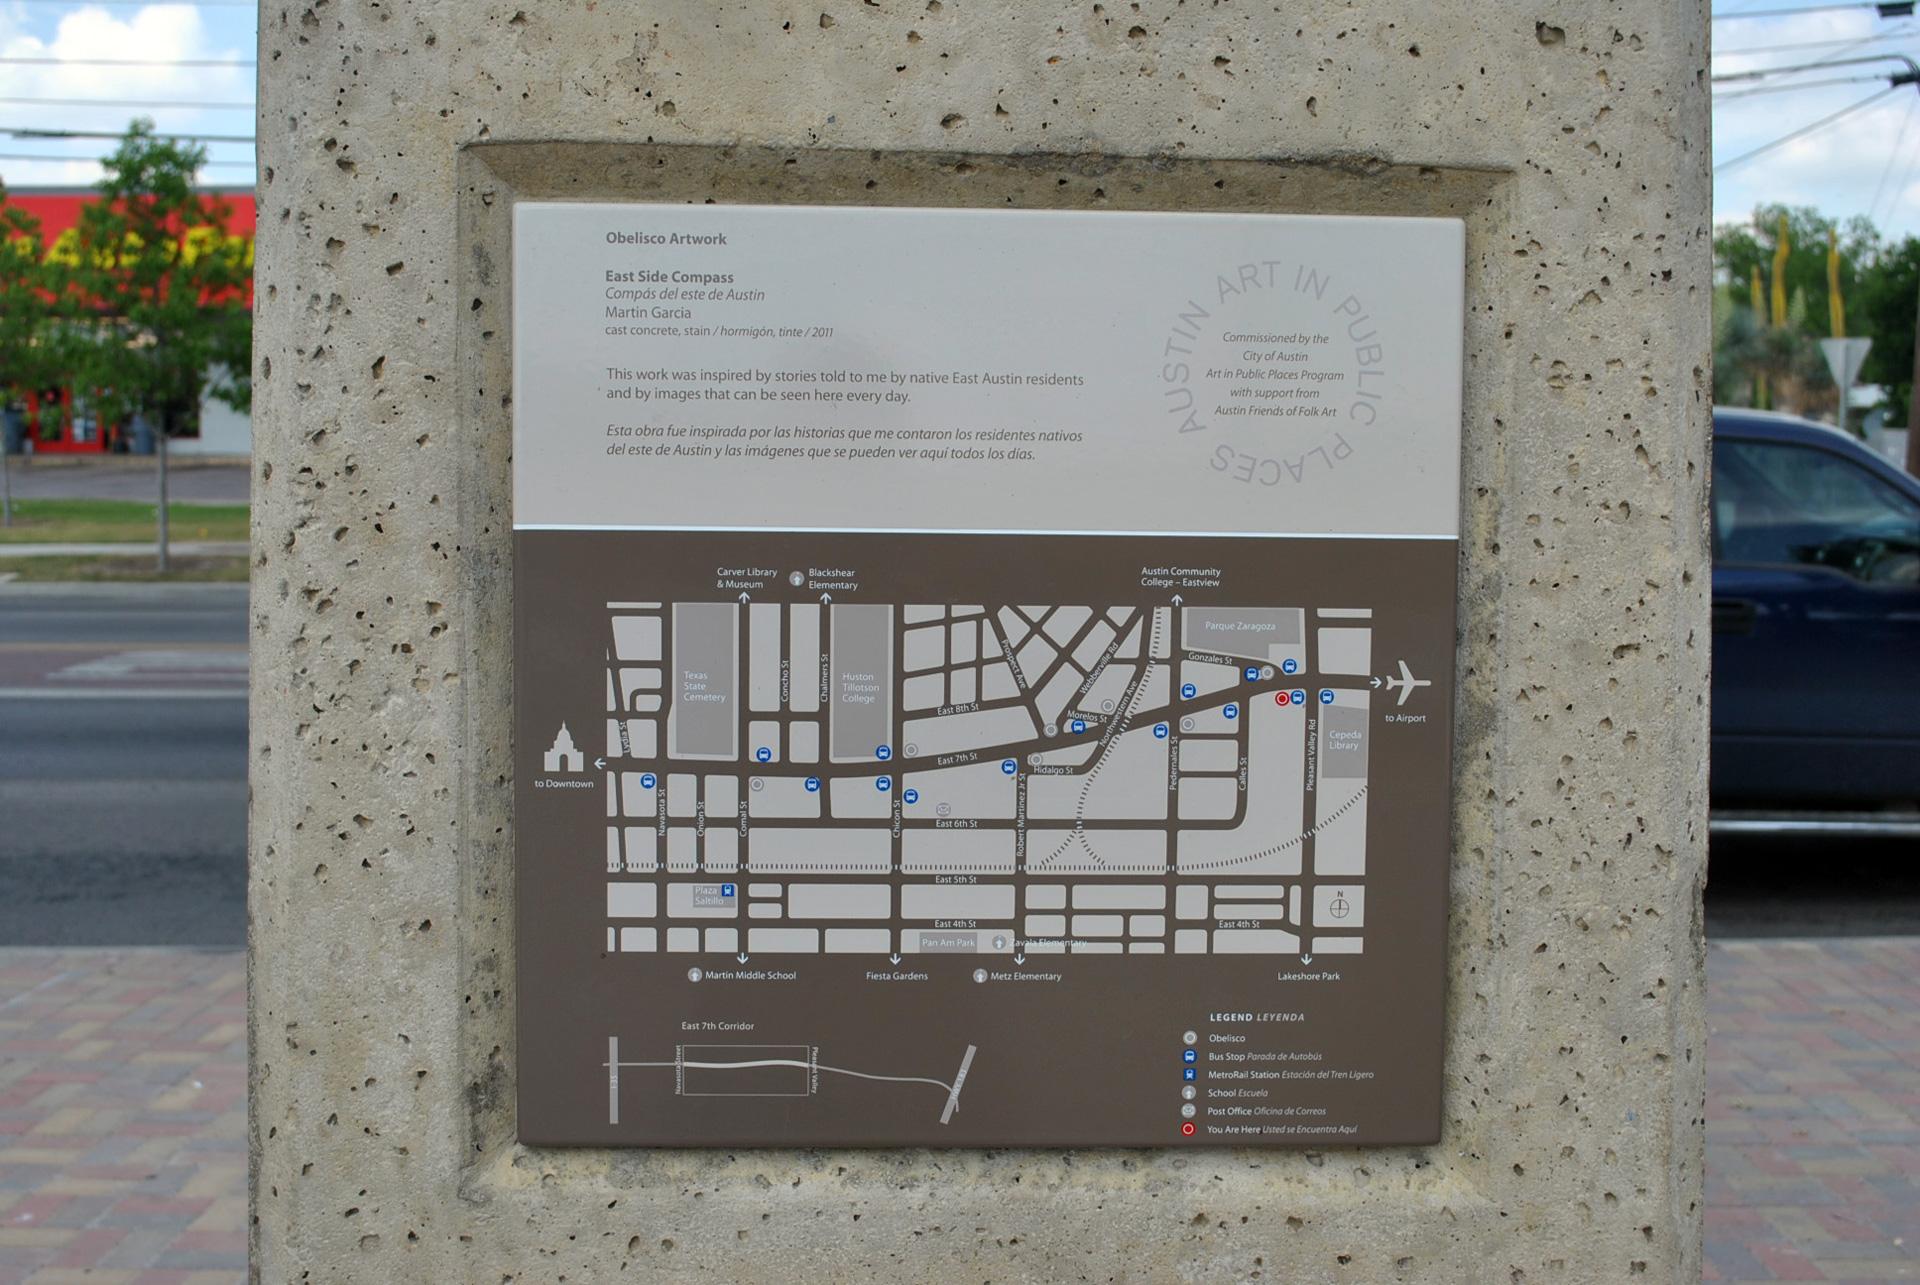 Austin Art In Public Places Public Art Archive